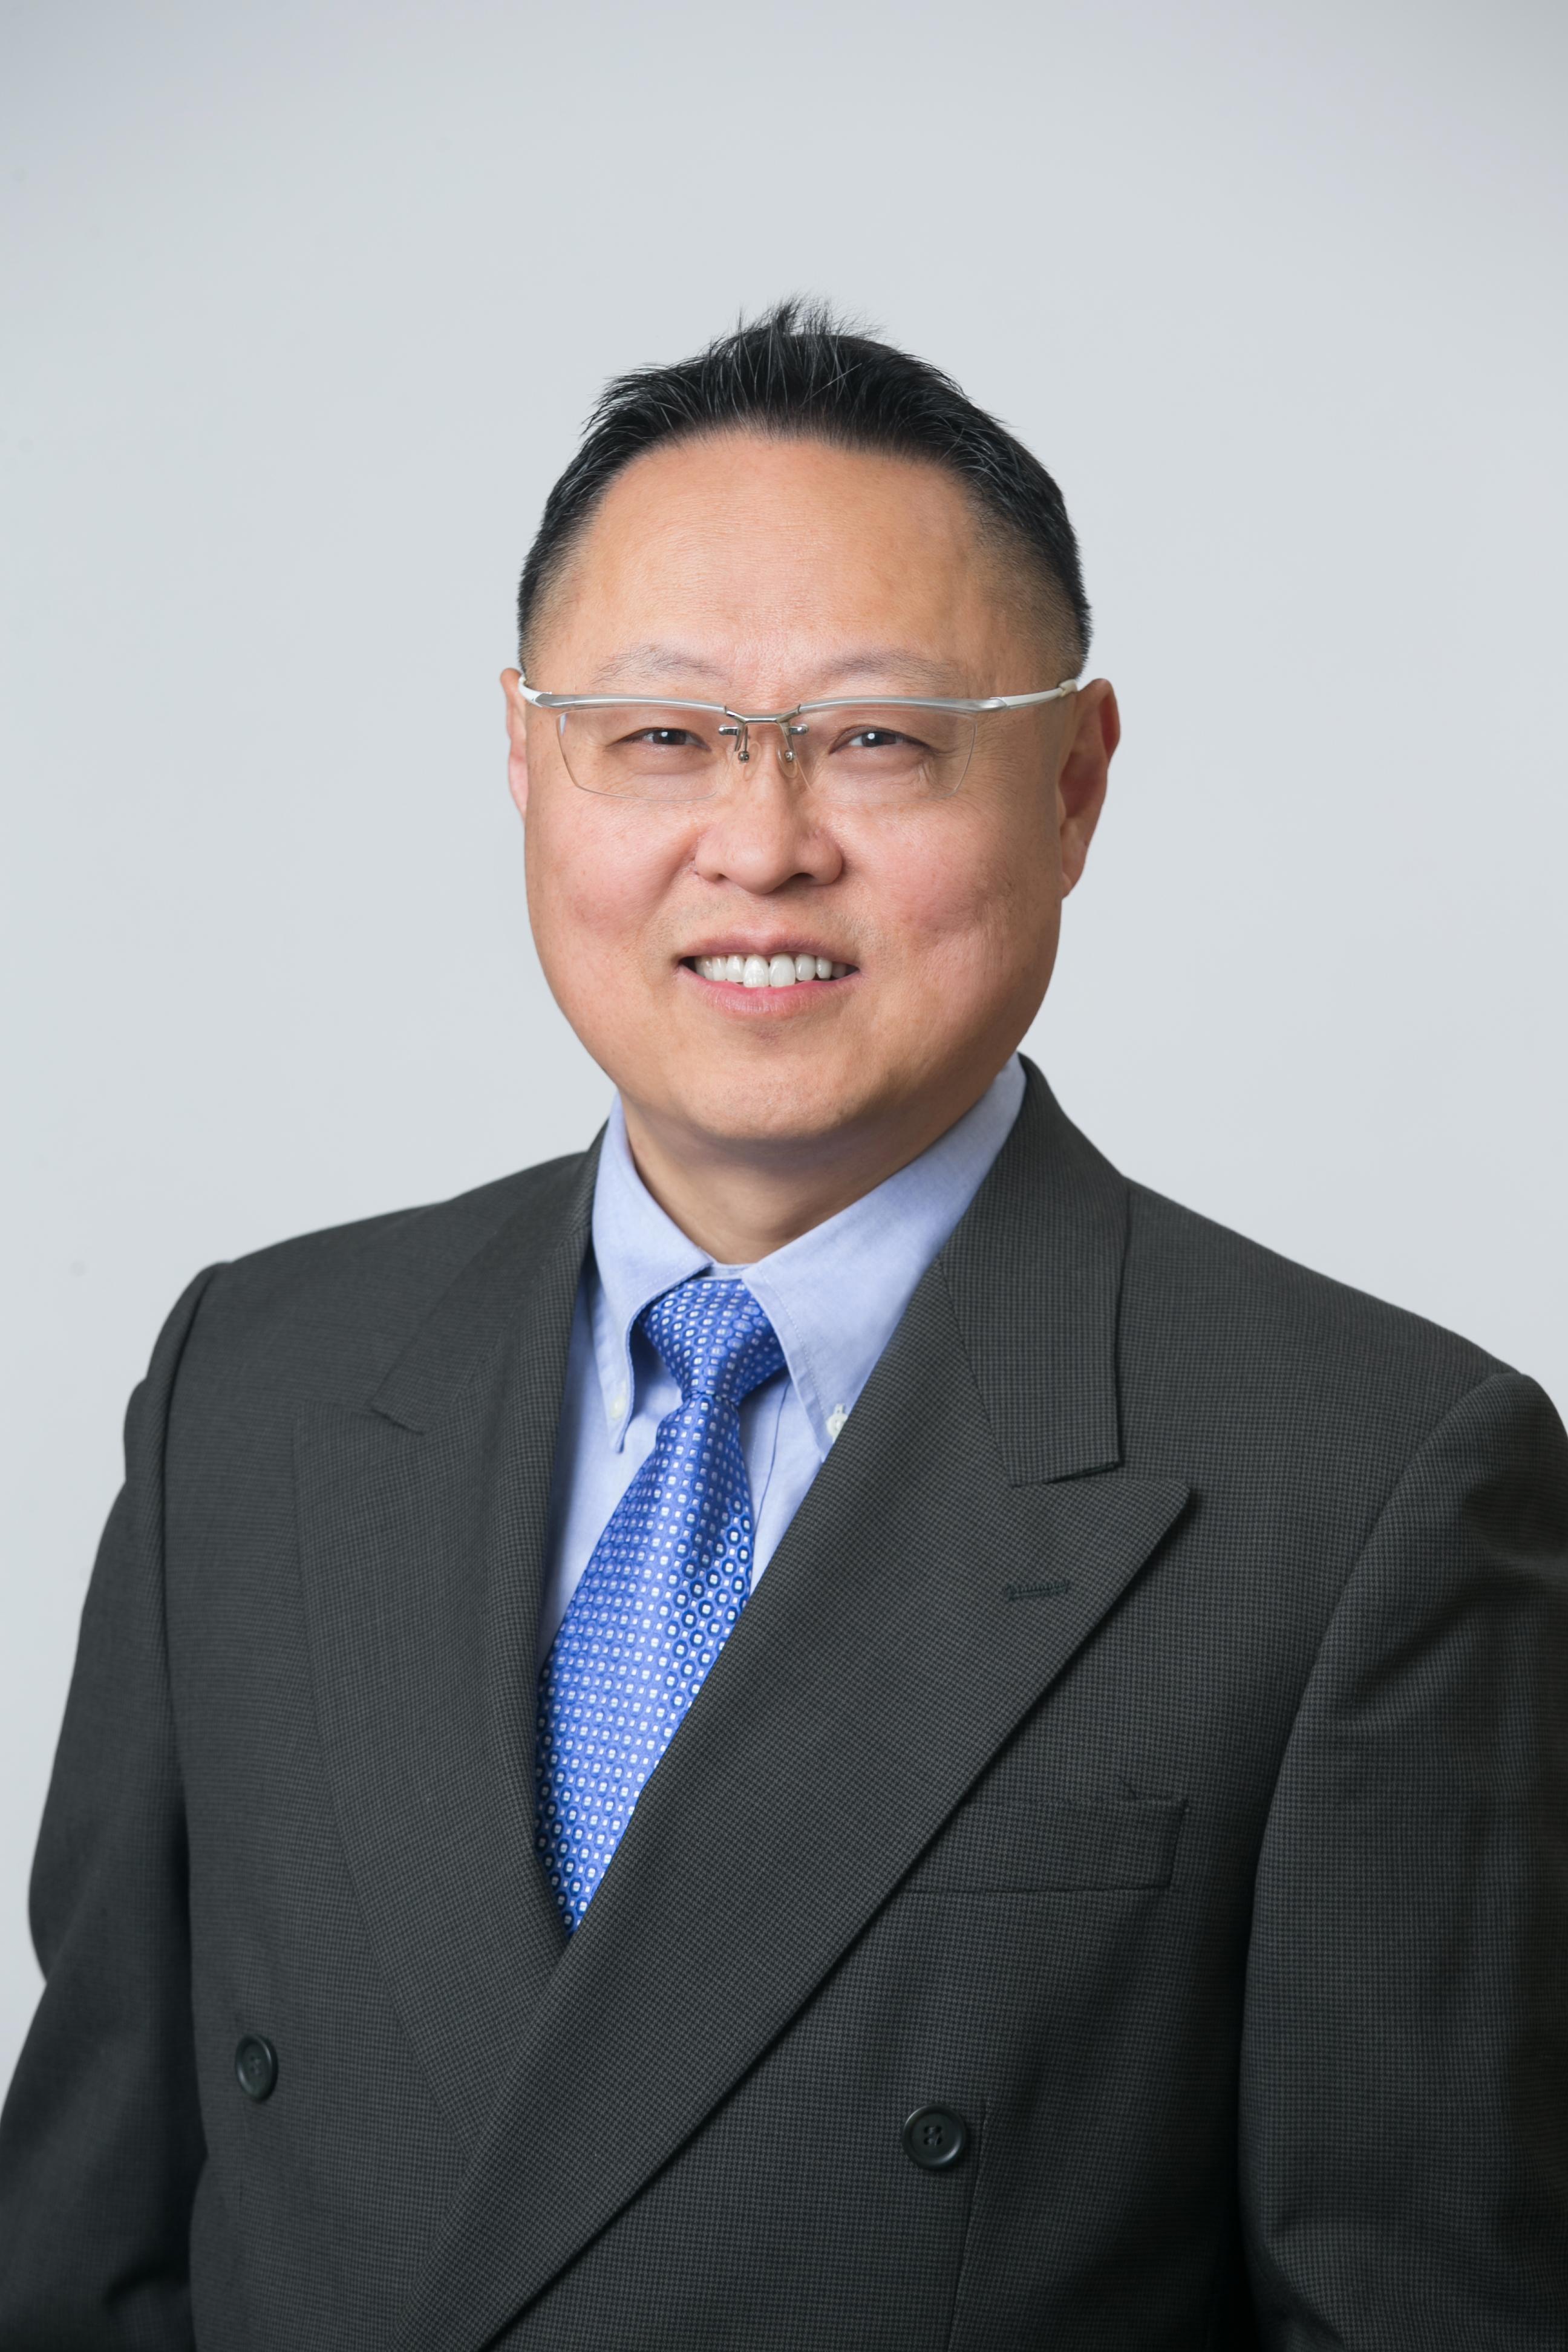 Photo of Henry Shiu, CPA